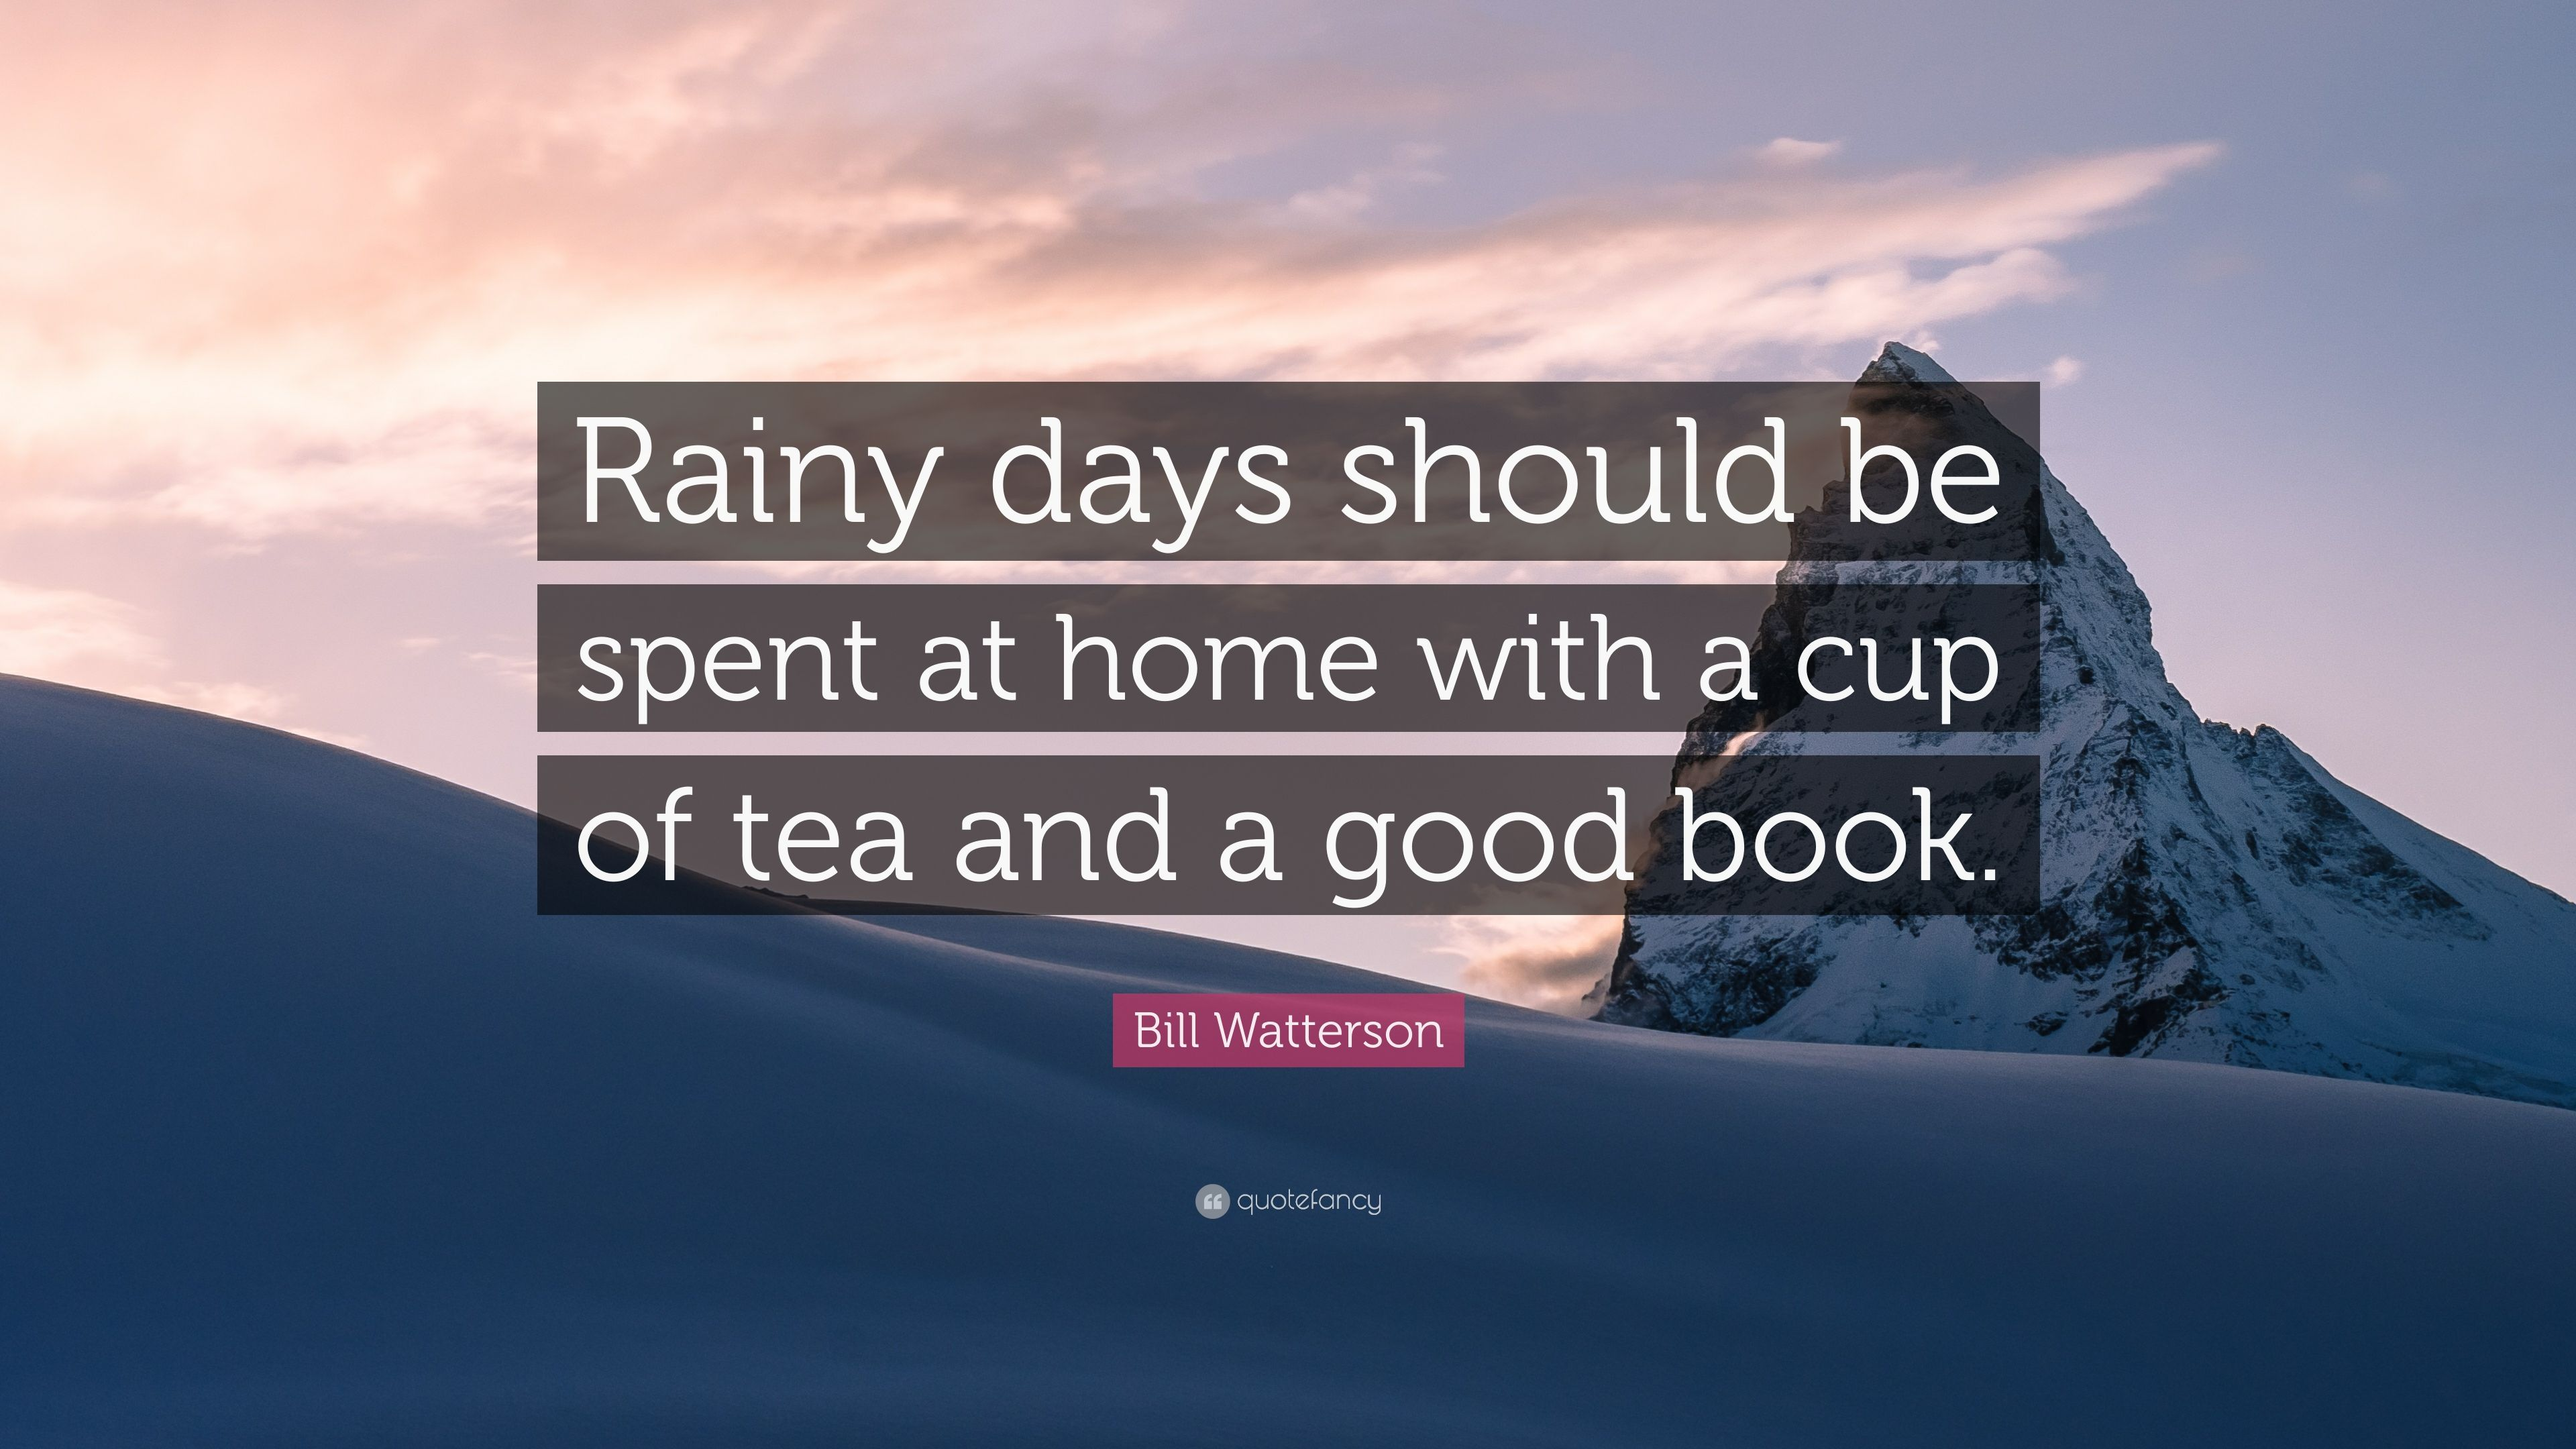 Essay on A Rainy Day and its Joys